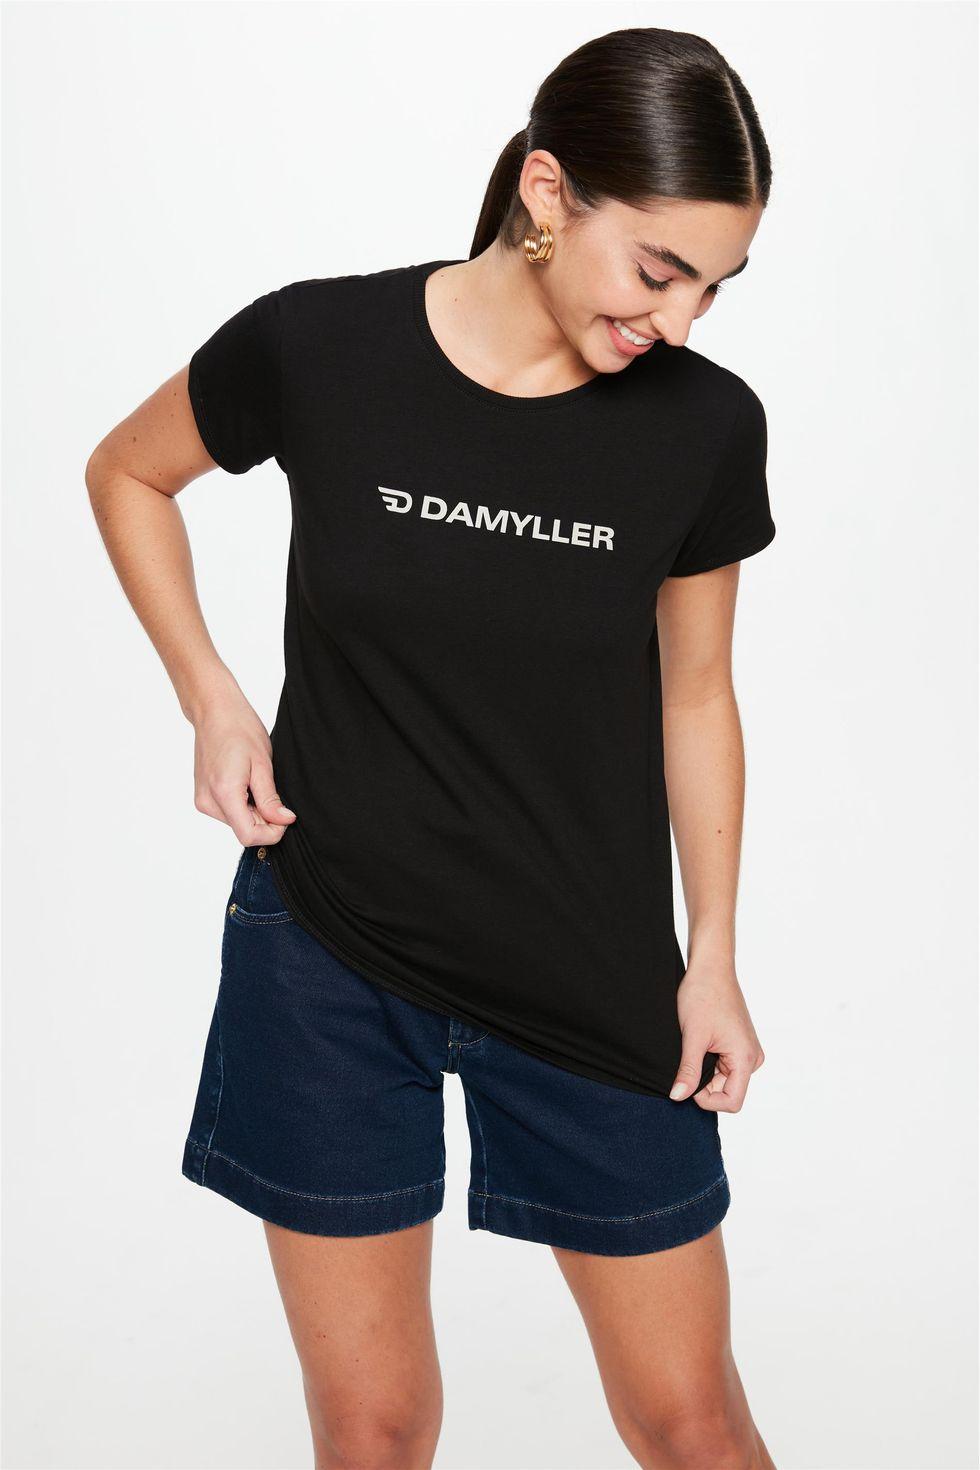 Camiseta-com-Estampa-Damyller-Feminina-Frente--